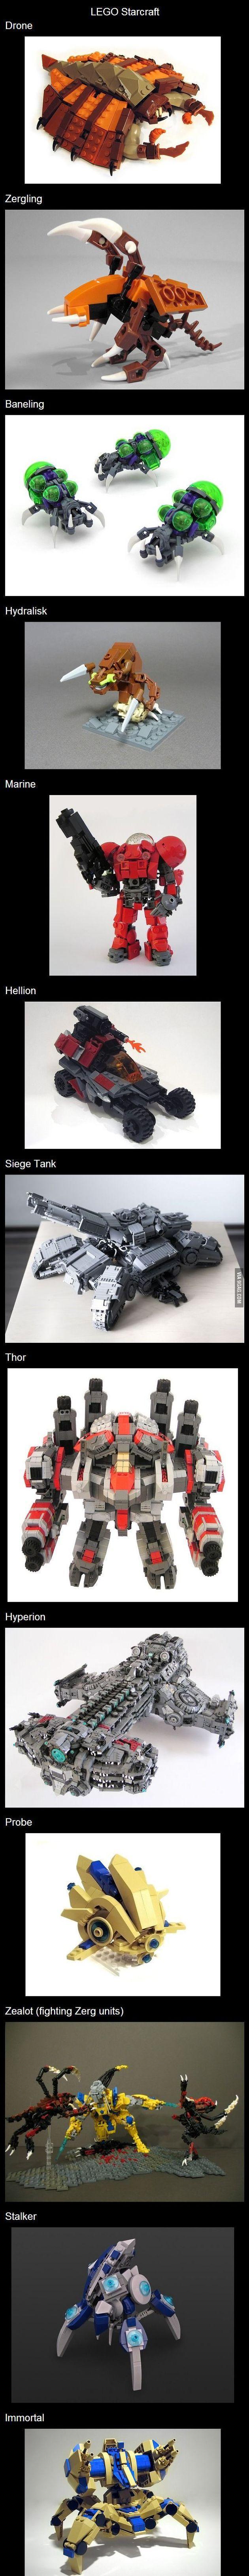 레고로 만든 스타크래프트 유닛